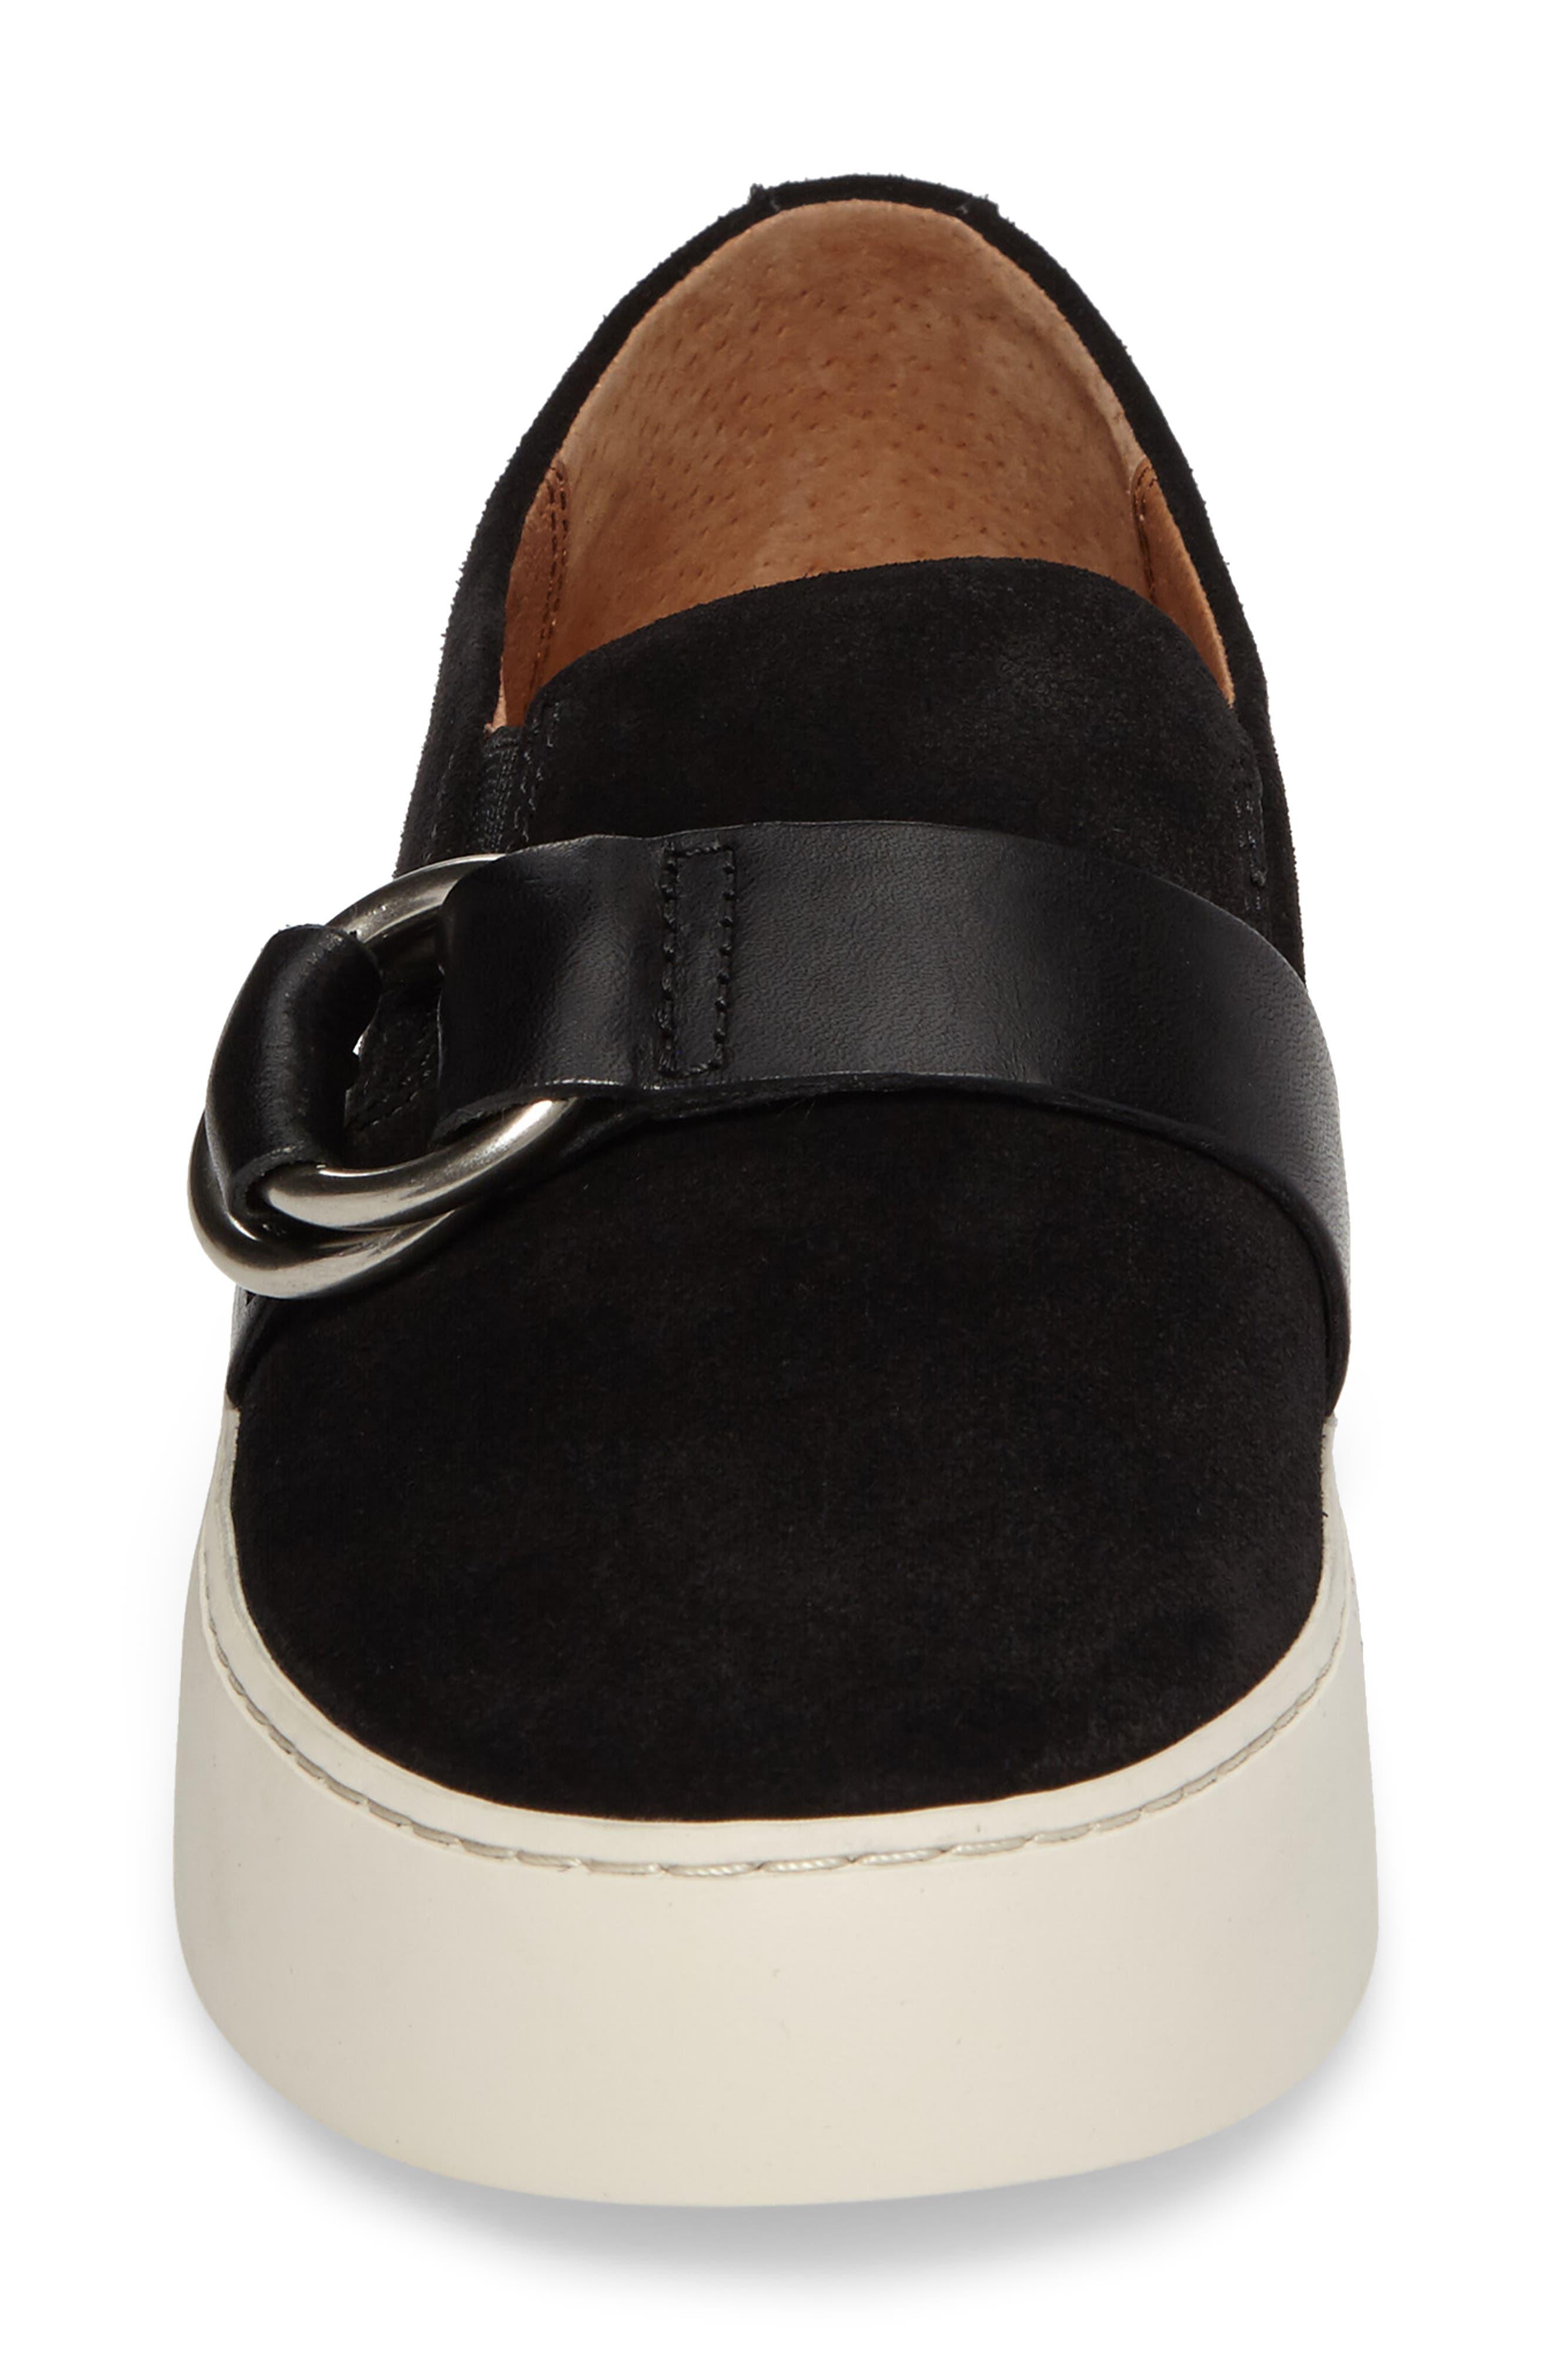 Lena Harness Slip-On Sneaker,                             Alternate thumbnail 4, color,                             Black